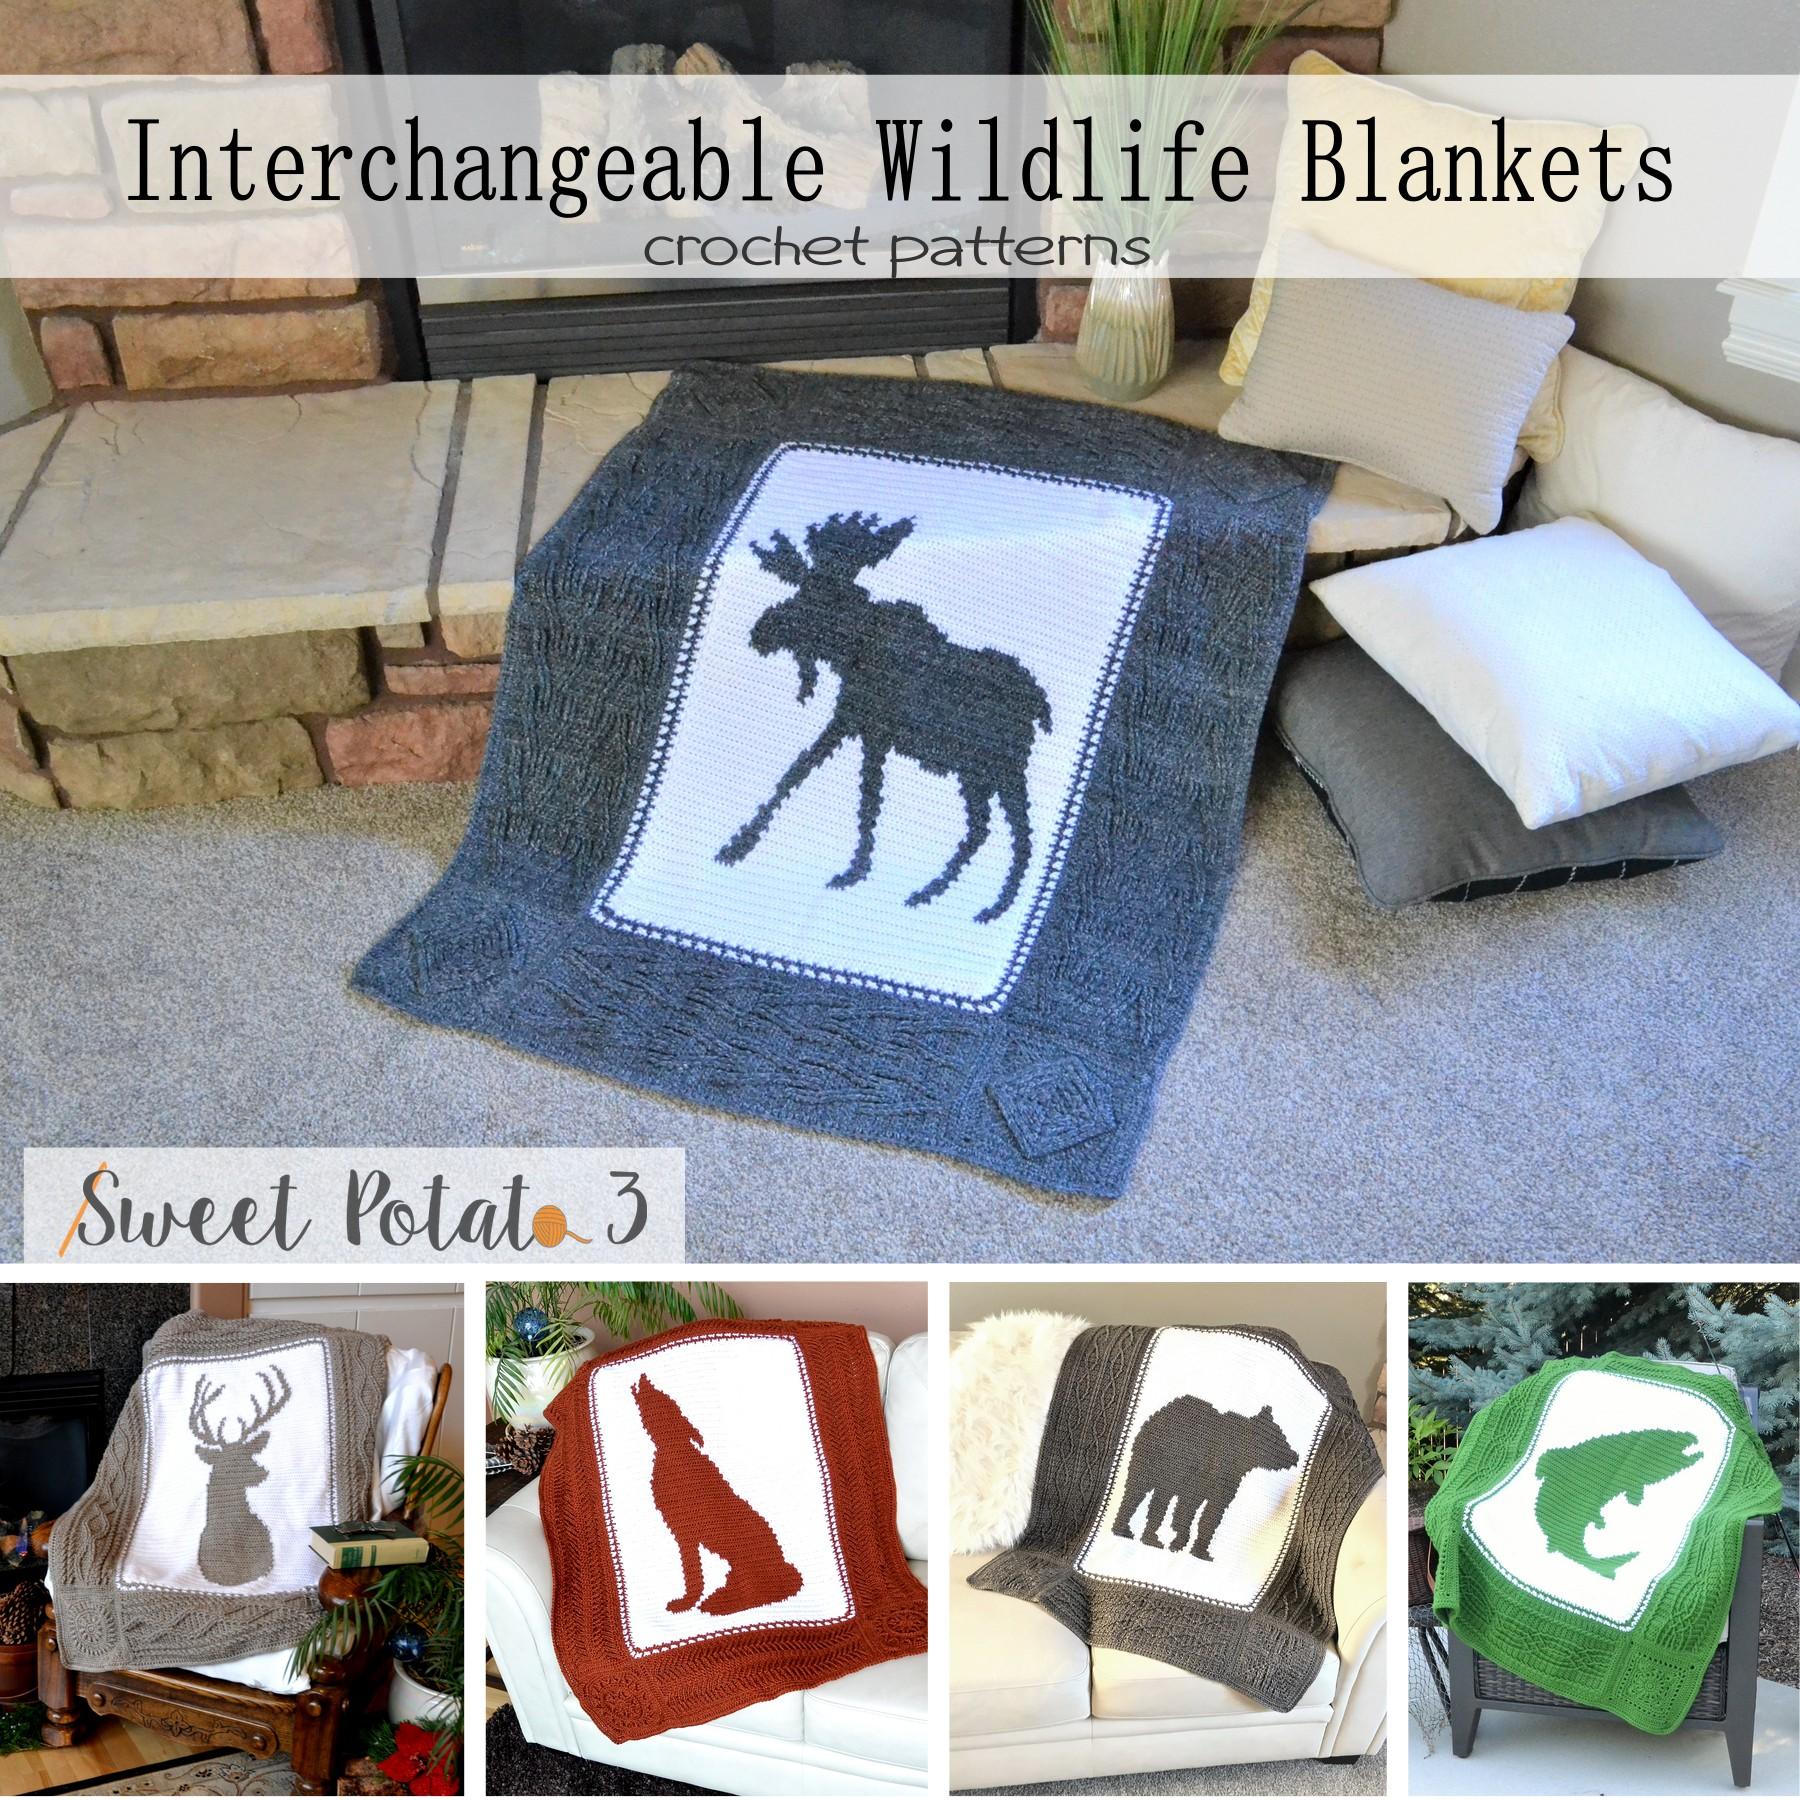 Interchangeable Wildlife Blankets – Crochet Pattern Bundle